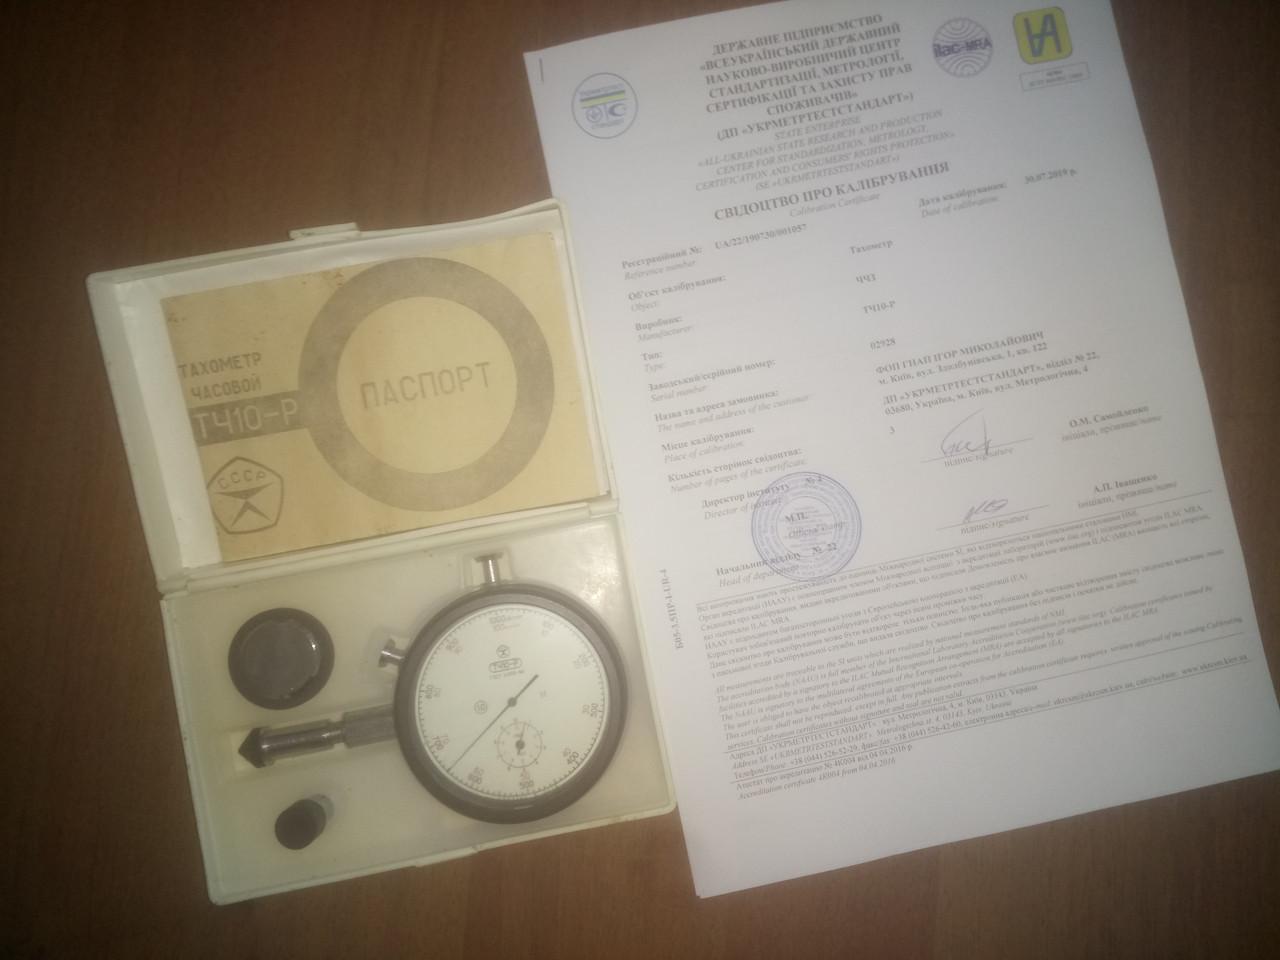 Тахометр часовой ТЧ-10Р  возможна  калибровка в УкрЦСМ